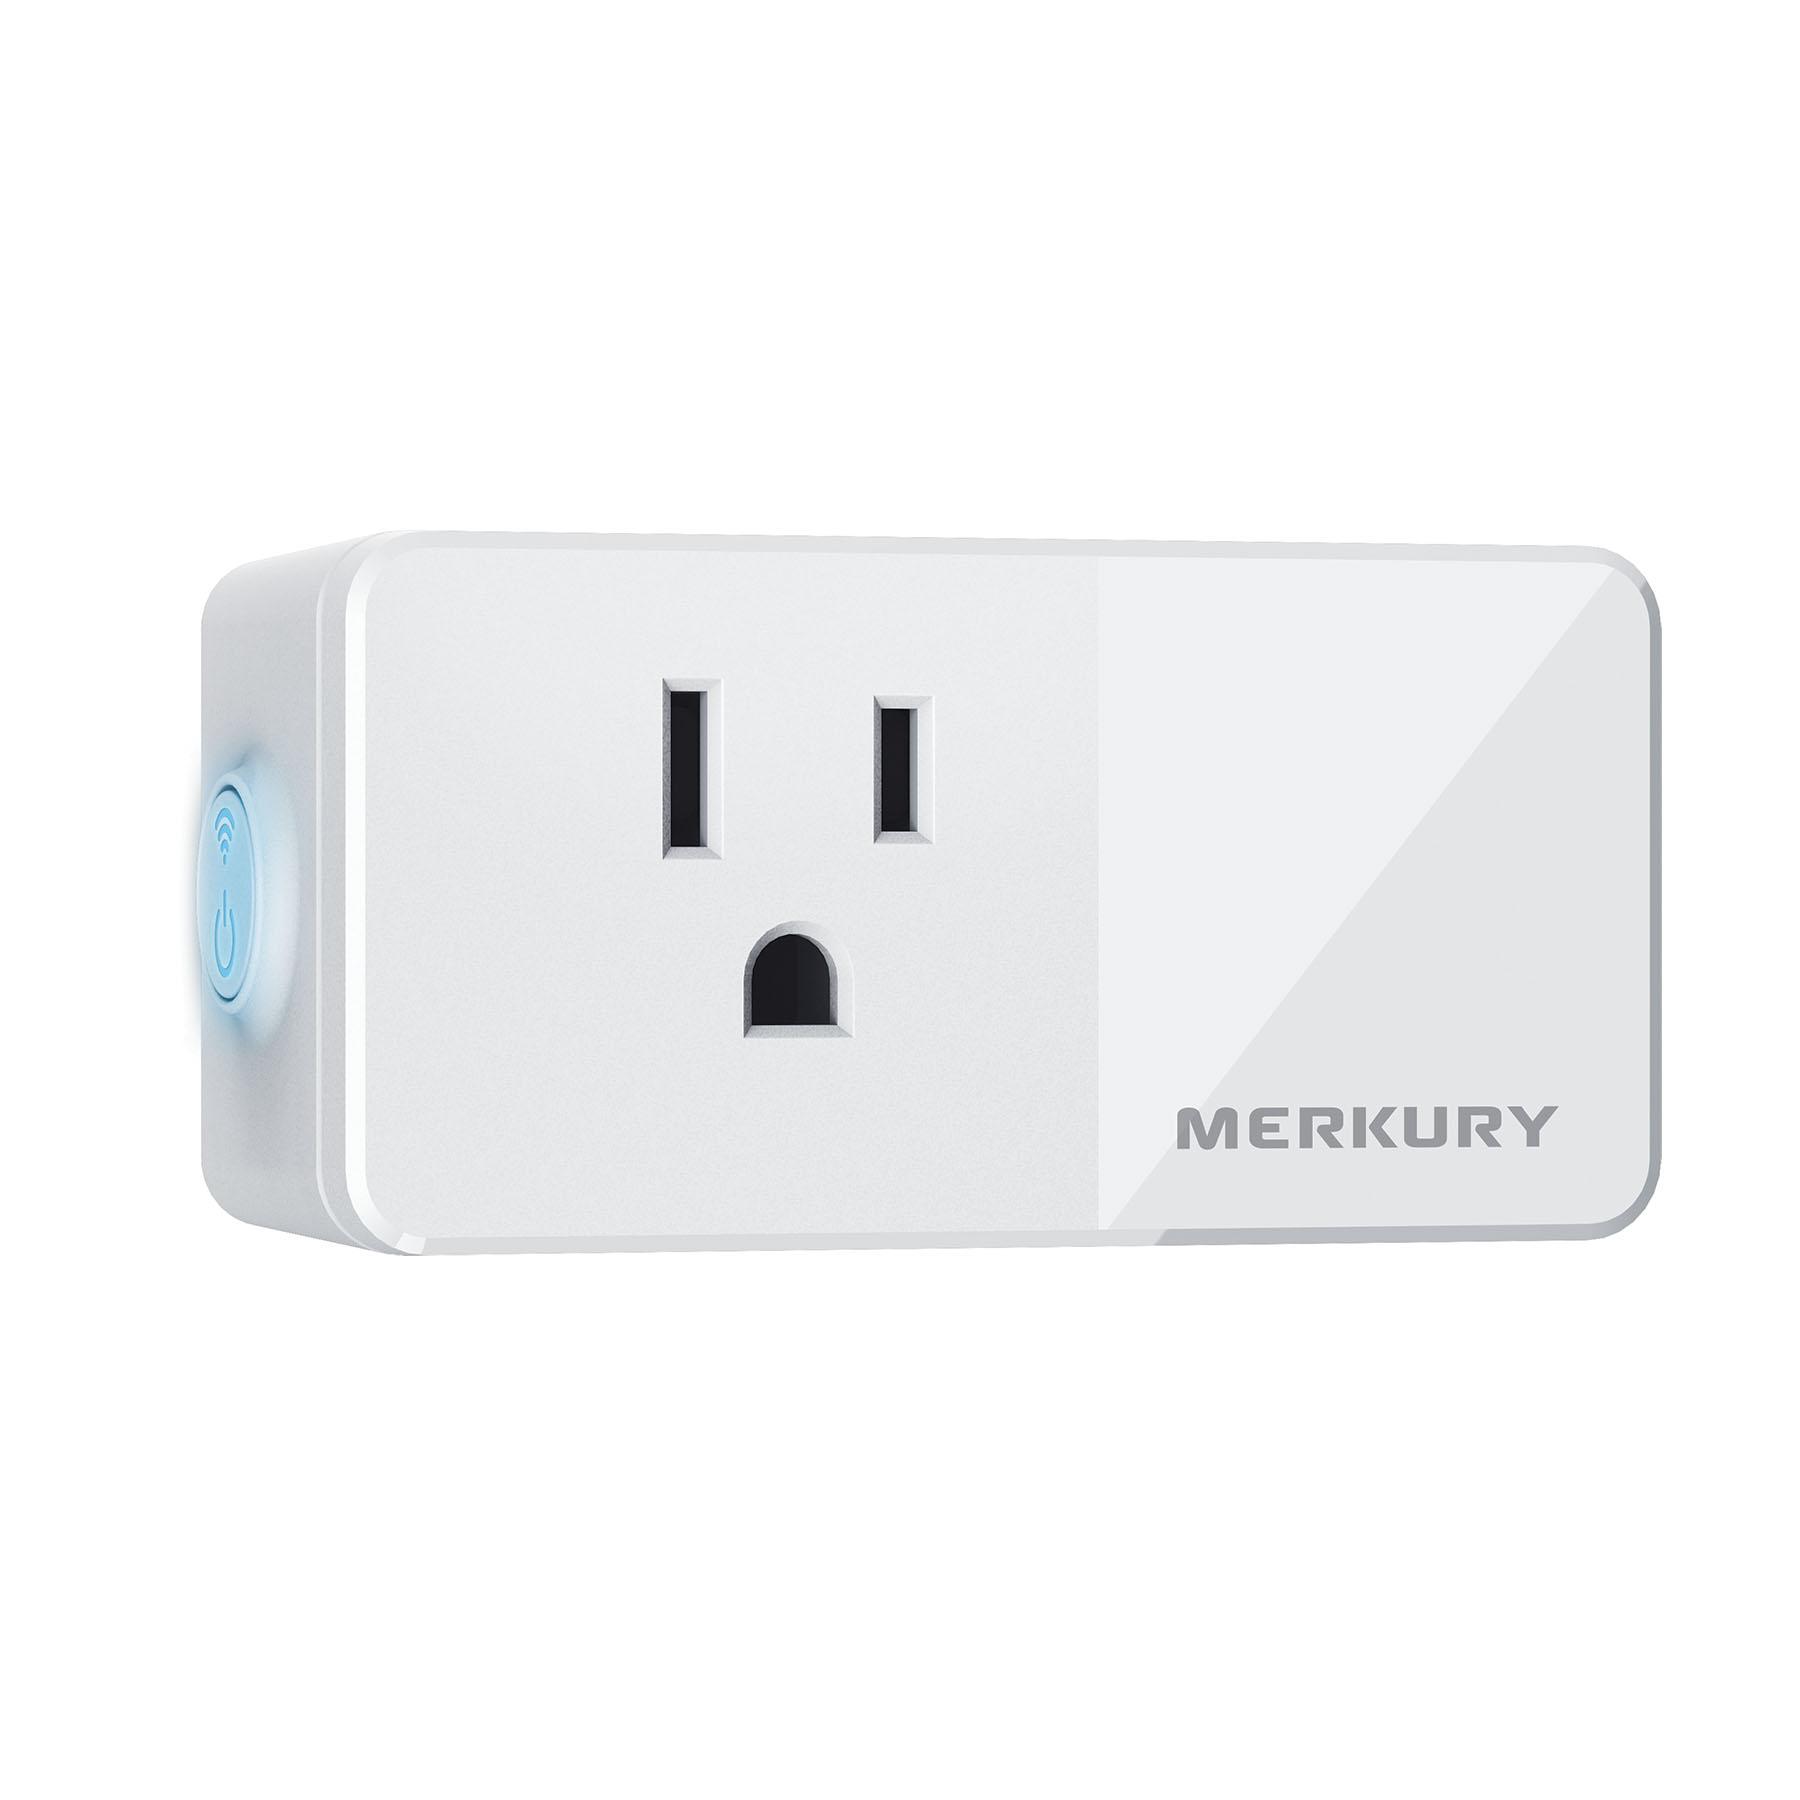 Merkury MI-WW105-199W